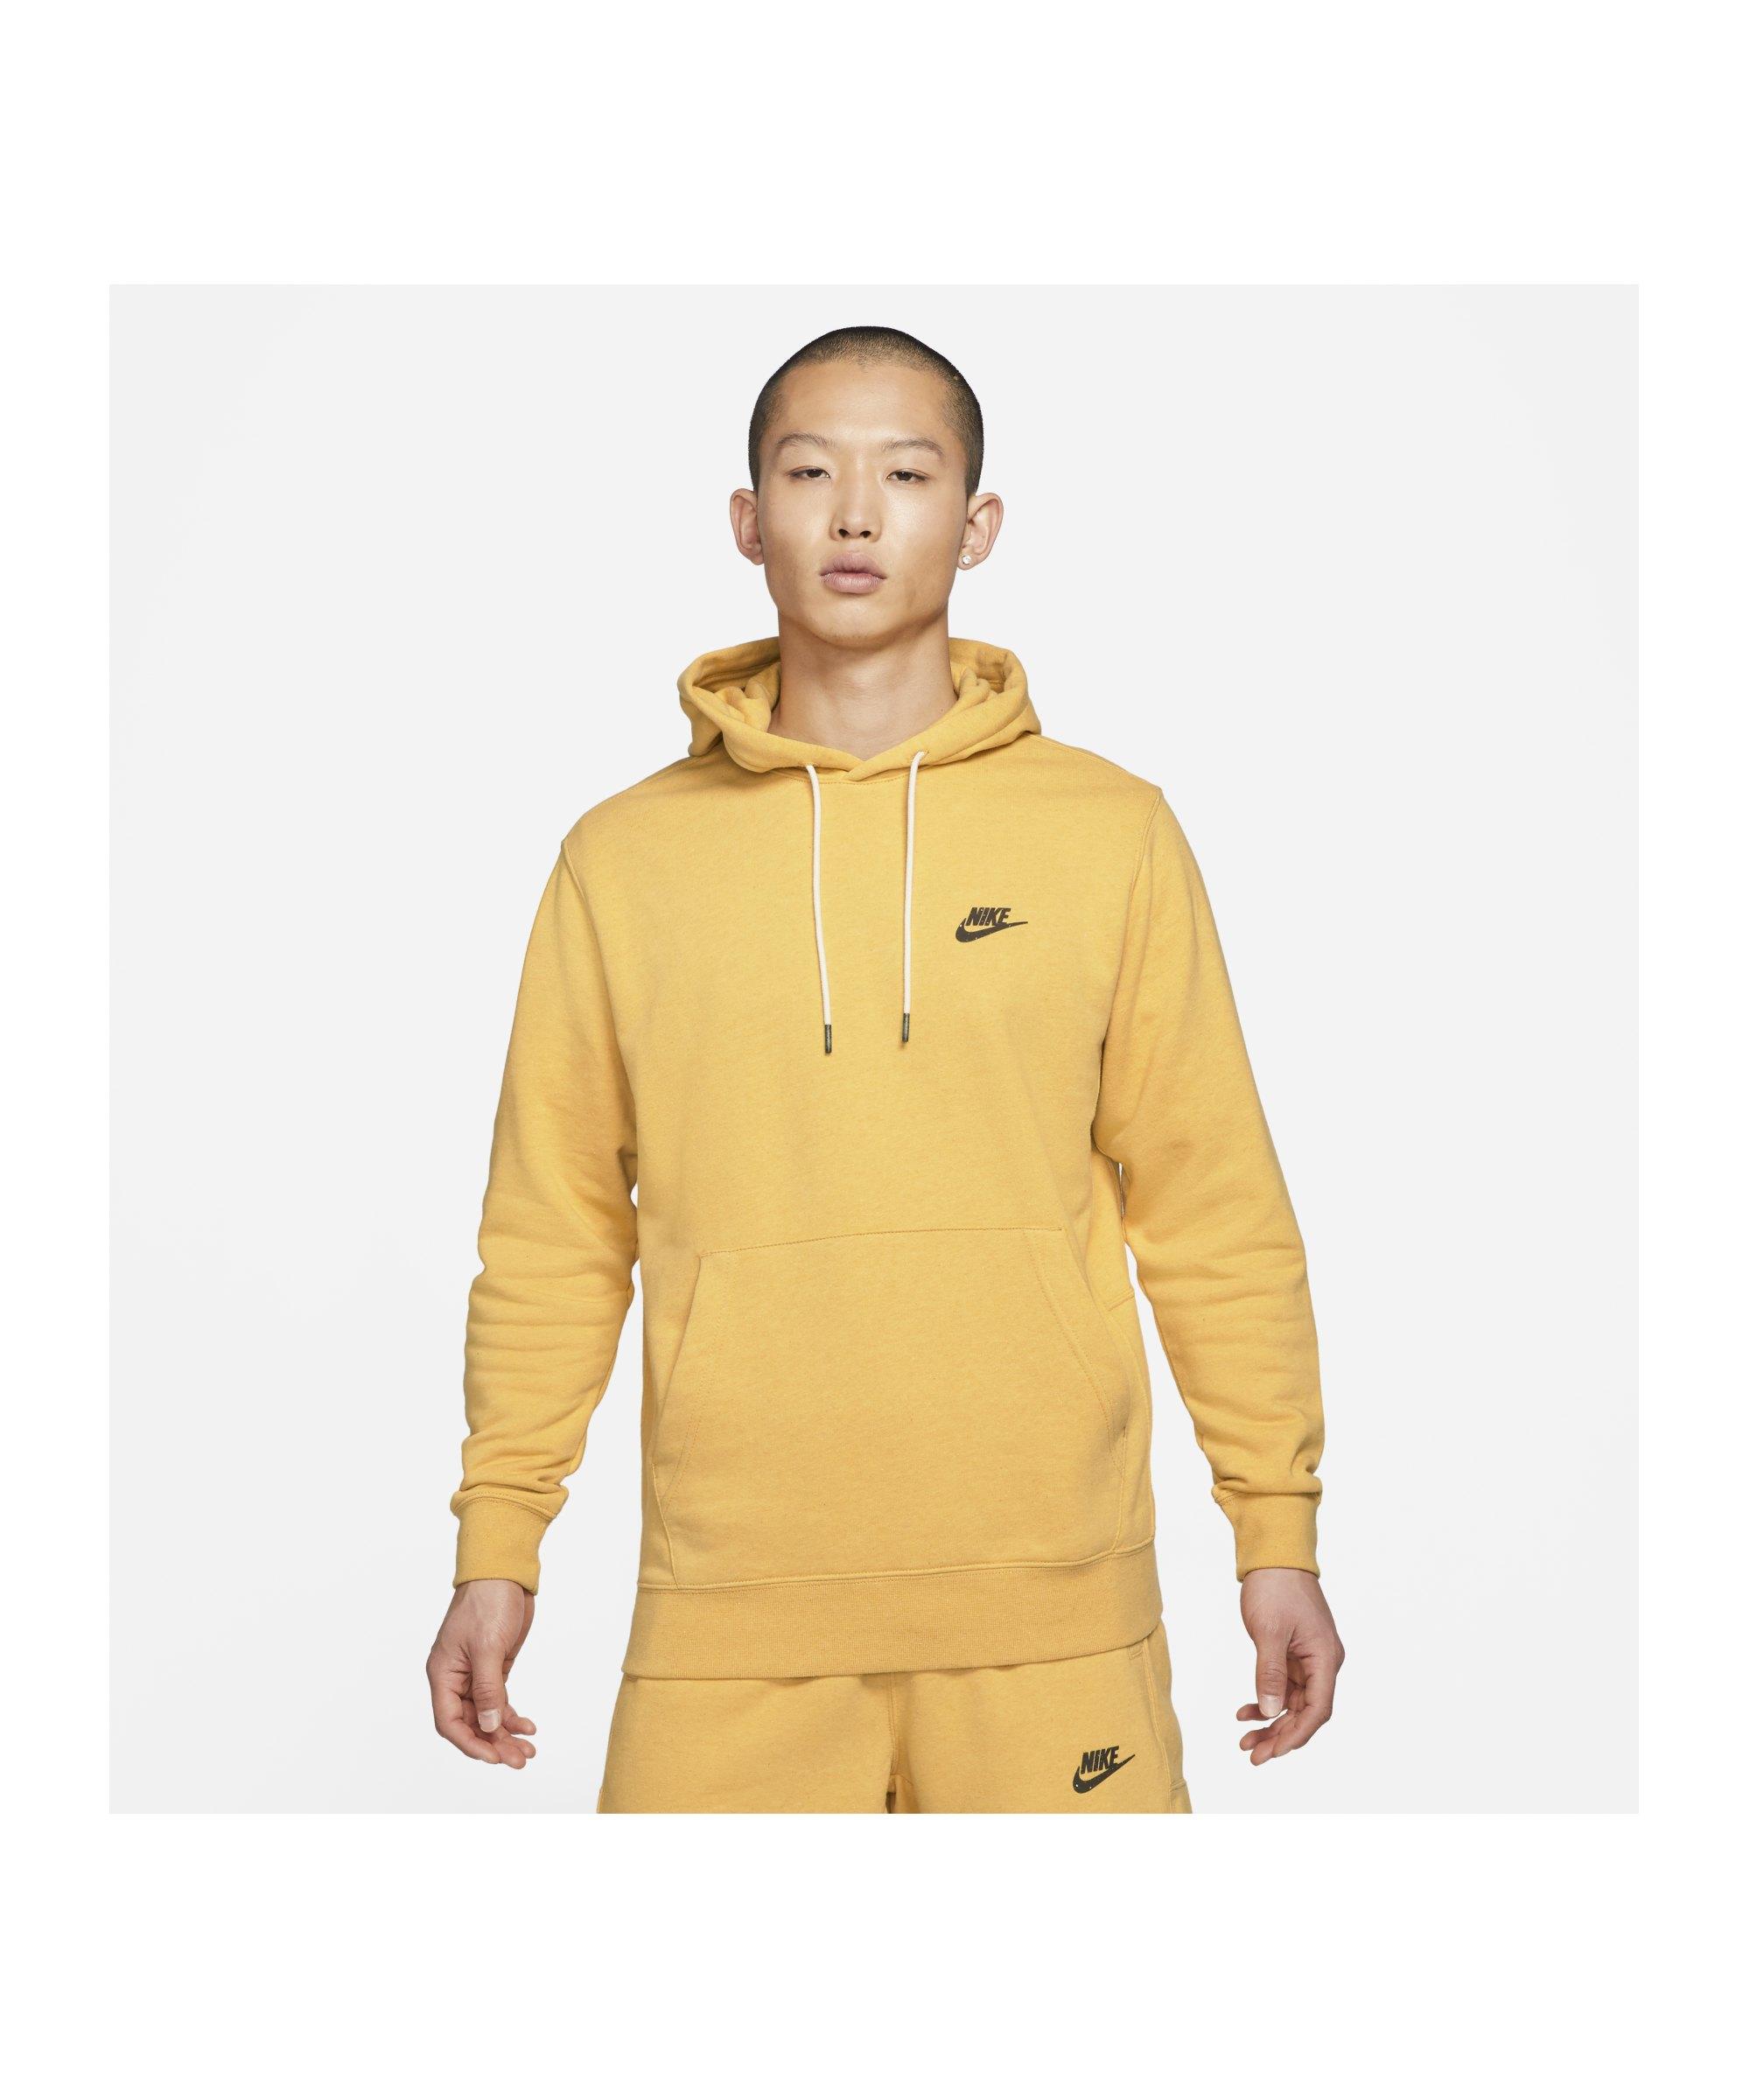 Nike Revival Hoody Gelb F761 - gelb